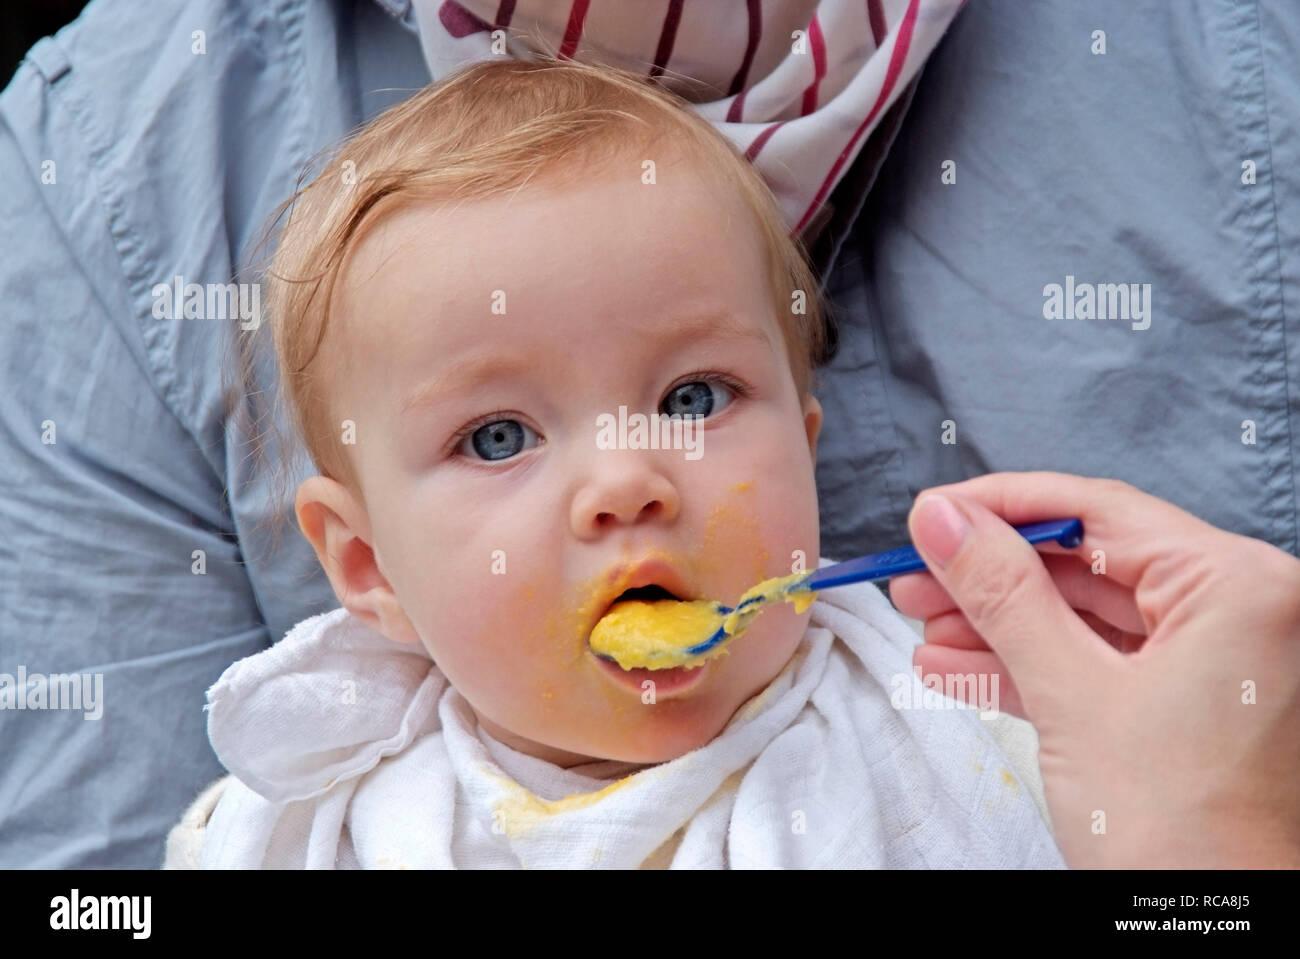 Eltern füttern ihr Baby mit Brei | parents feeding their baby wit pap - Stock Image